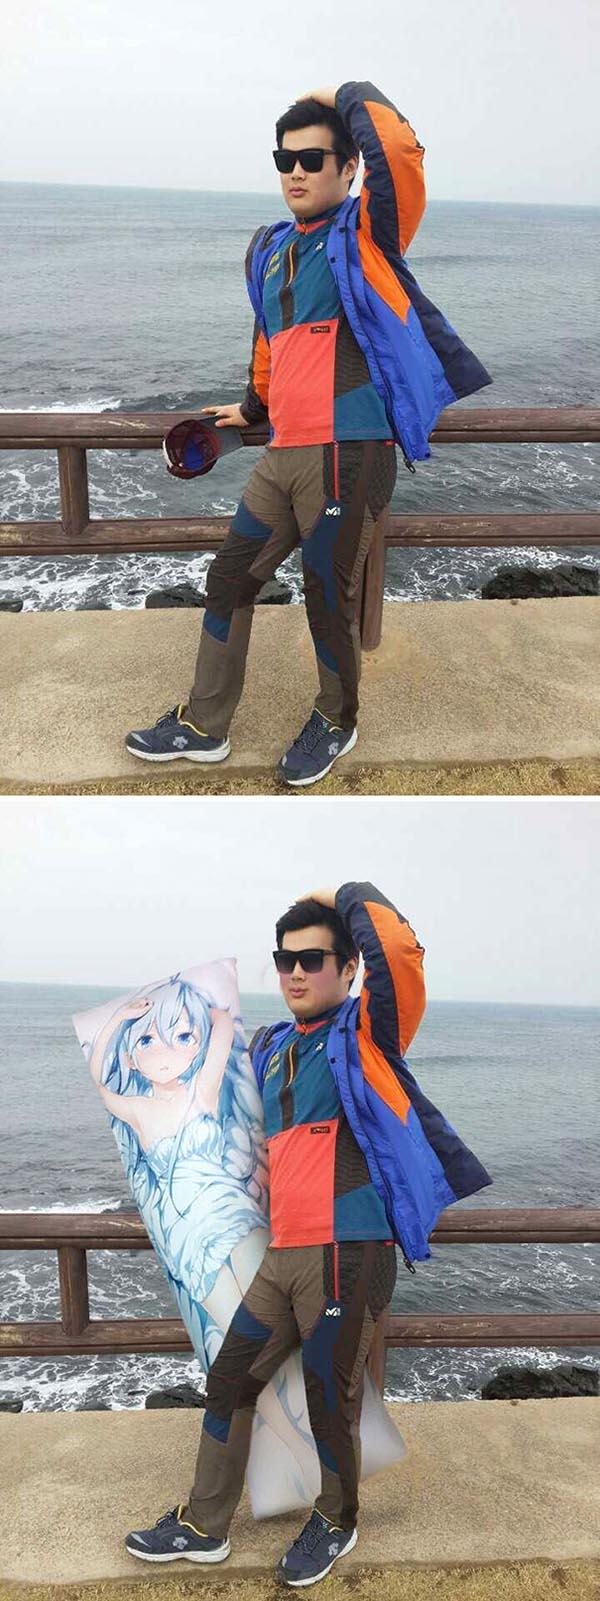 Korean Photoshop Masters put a pretty girl next to me